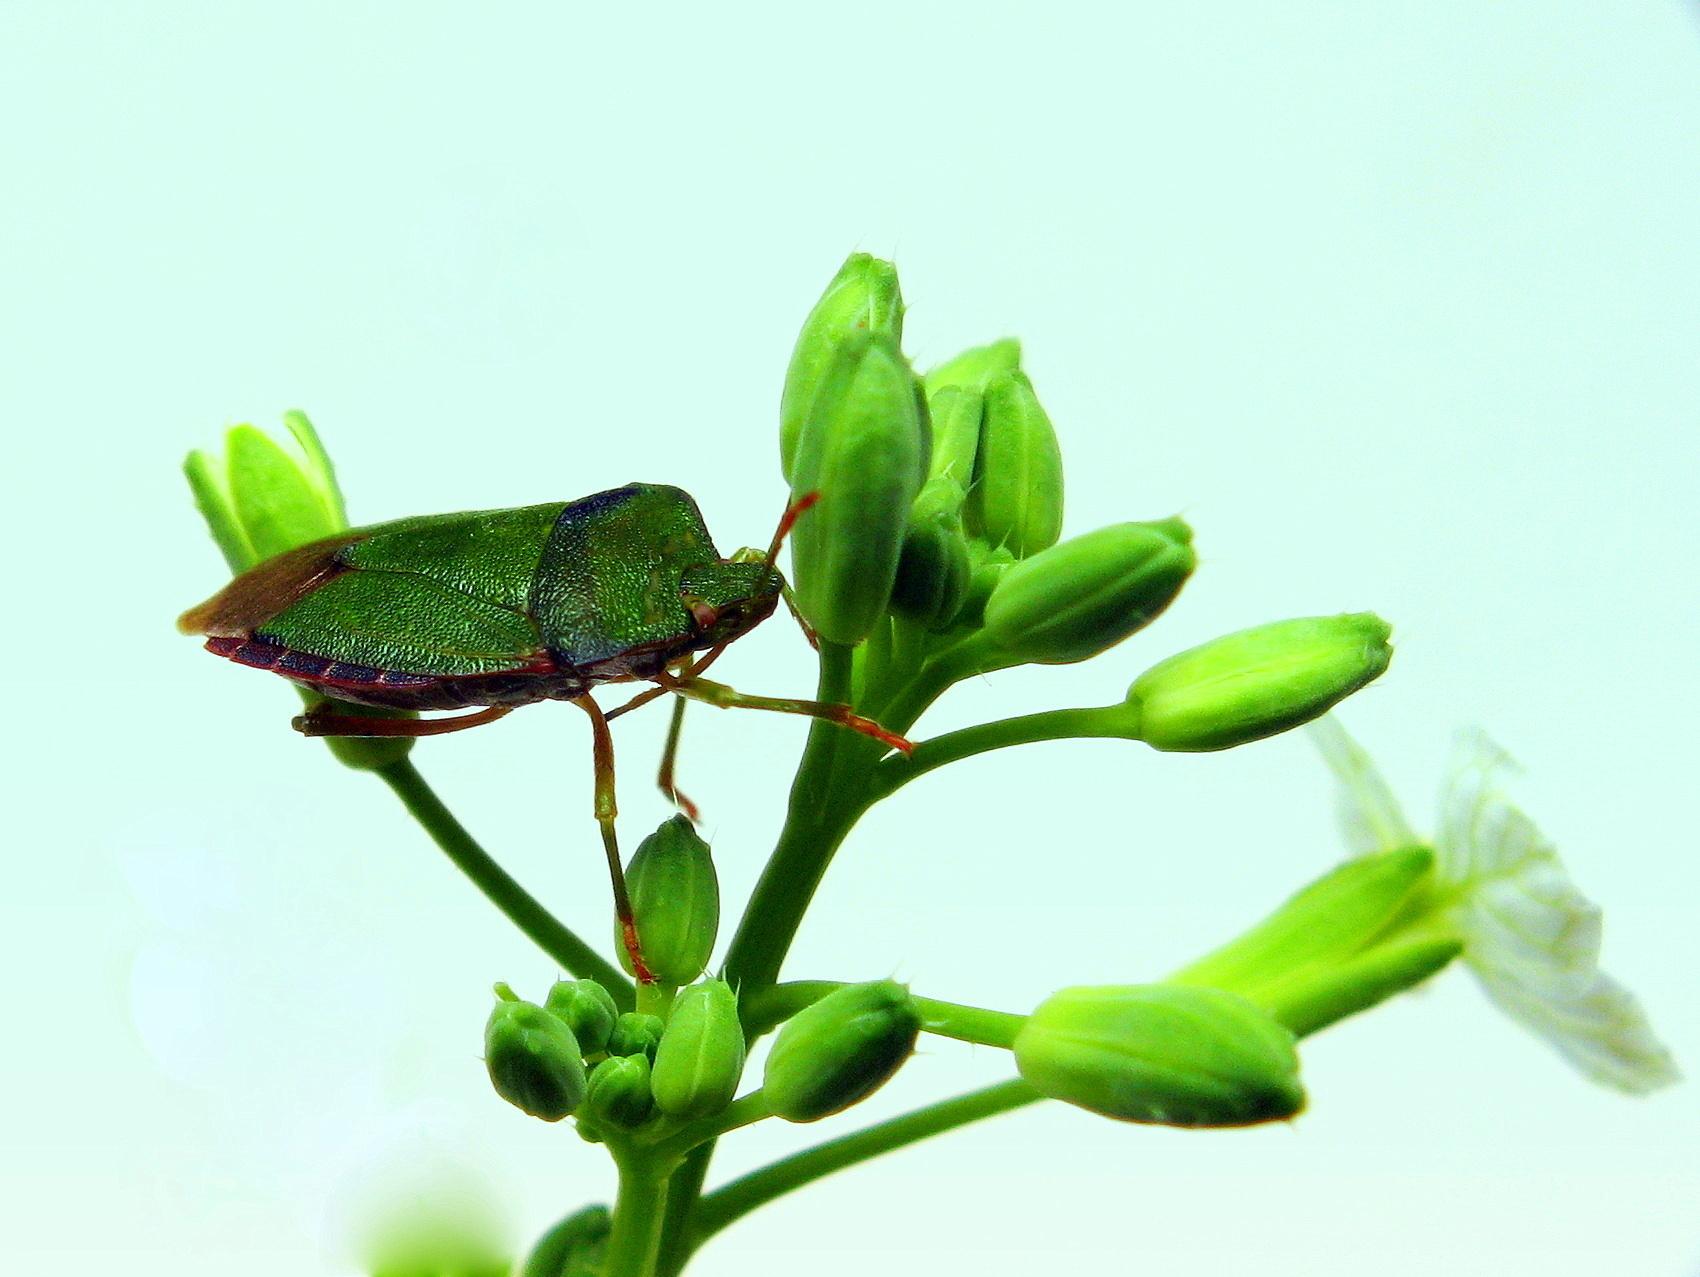 Odorek zieleniak